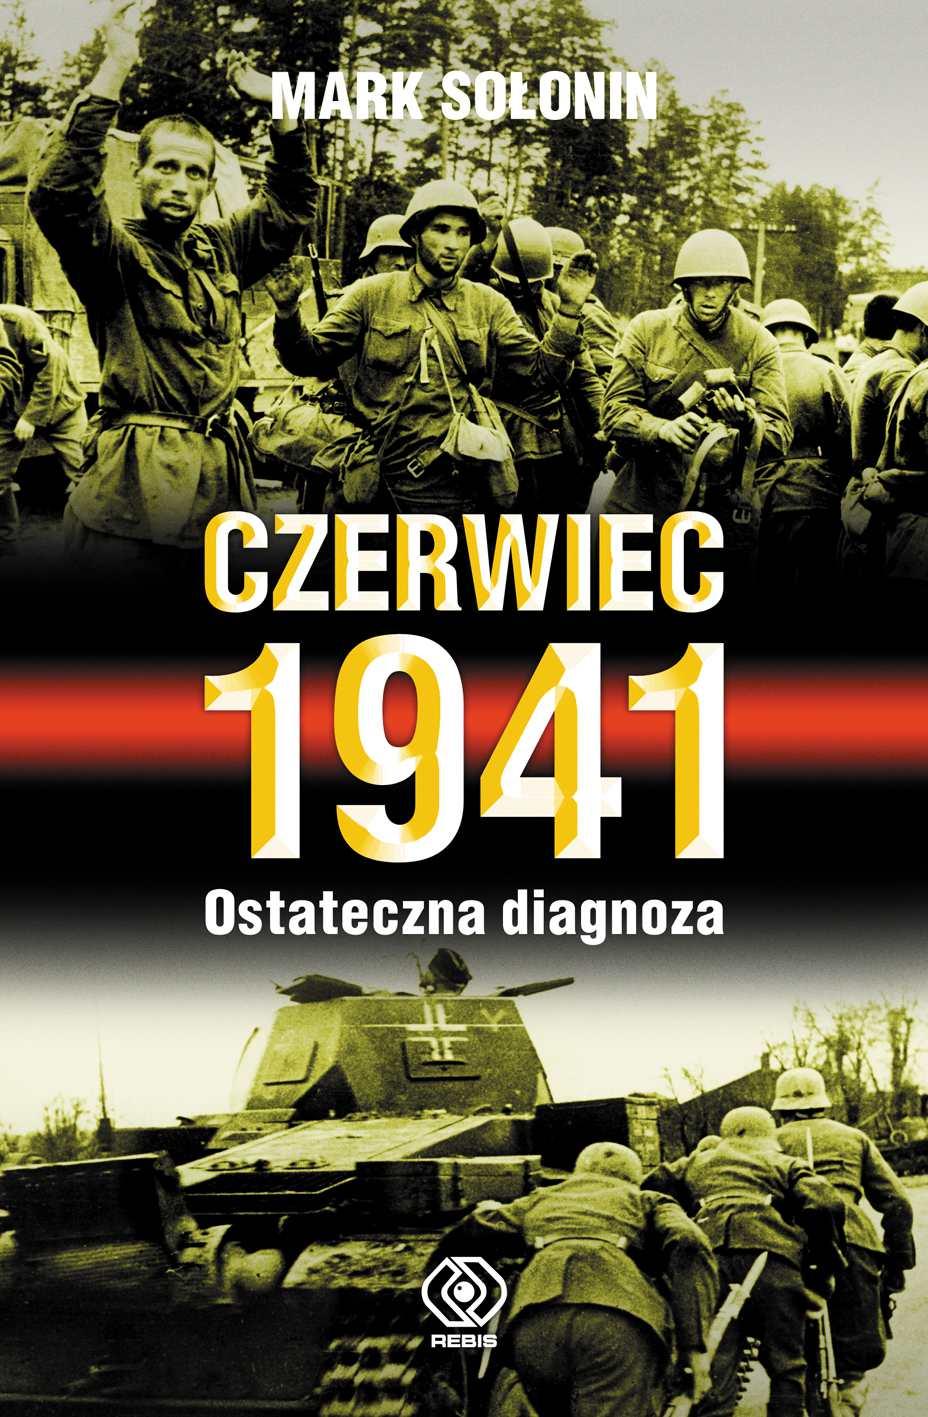 Czerwiec 1941. Ostateczna diagnoza - Ebook (Książka EPUB) do pobrania w formacie EPUB